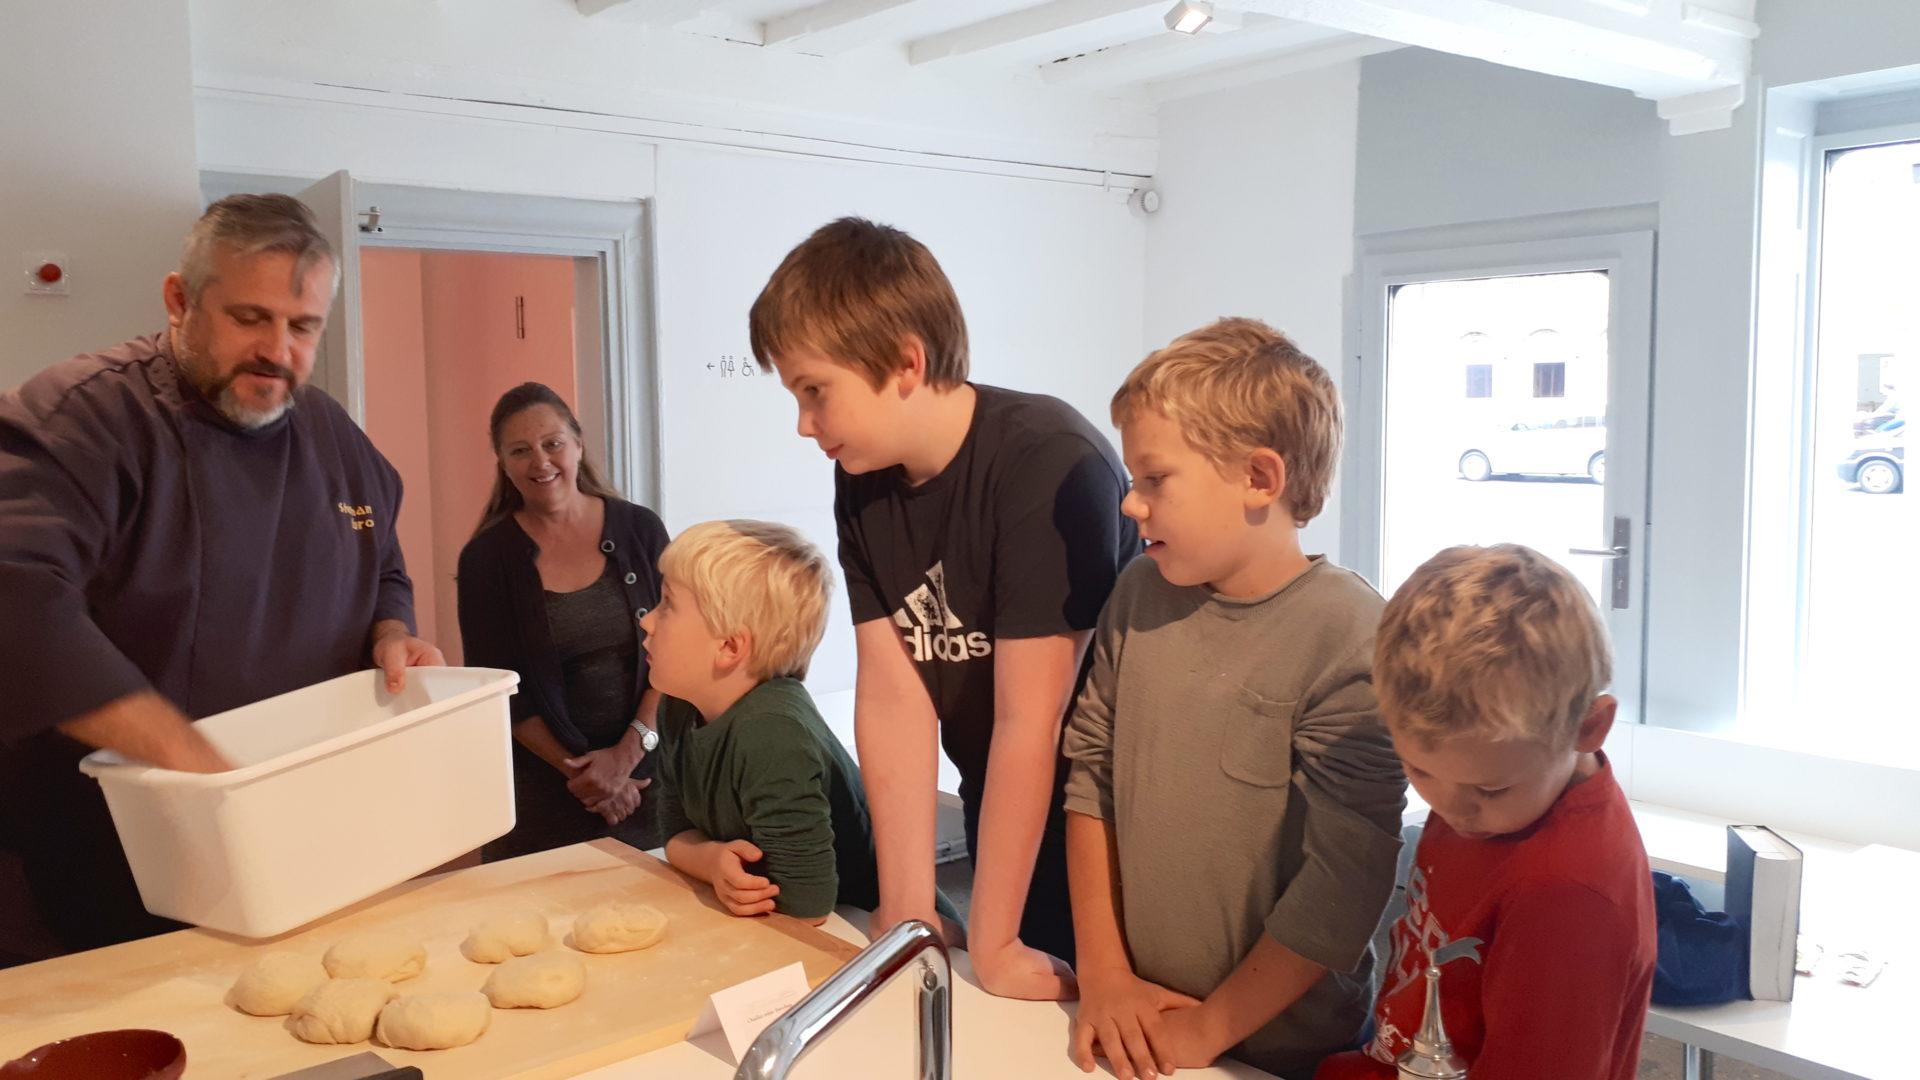 Backworkshop für Kinder im Jüdischen Museum Franken in Fürth.